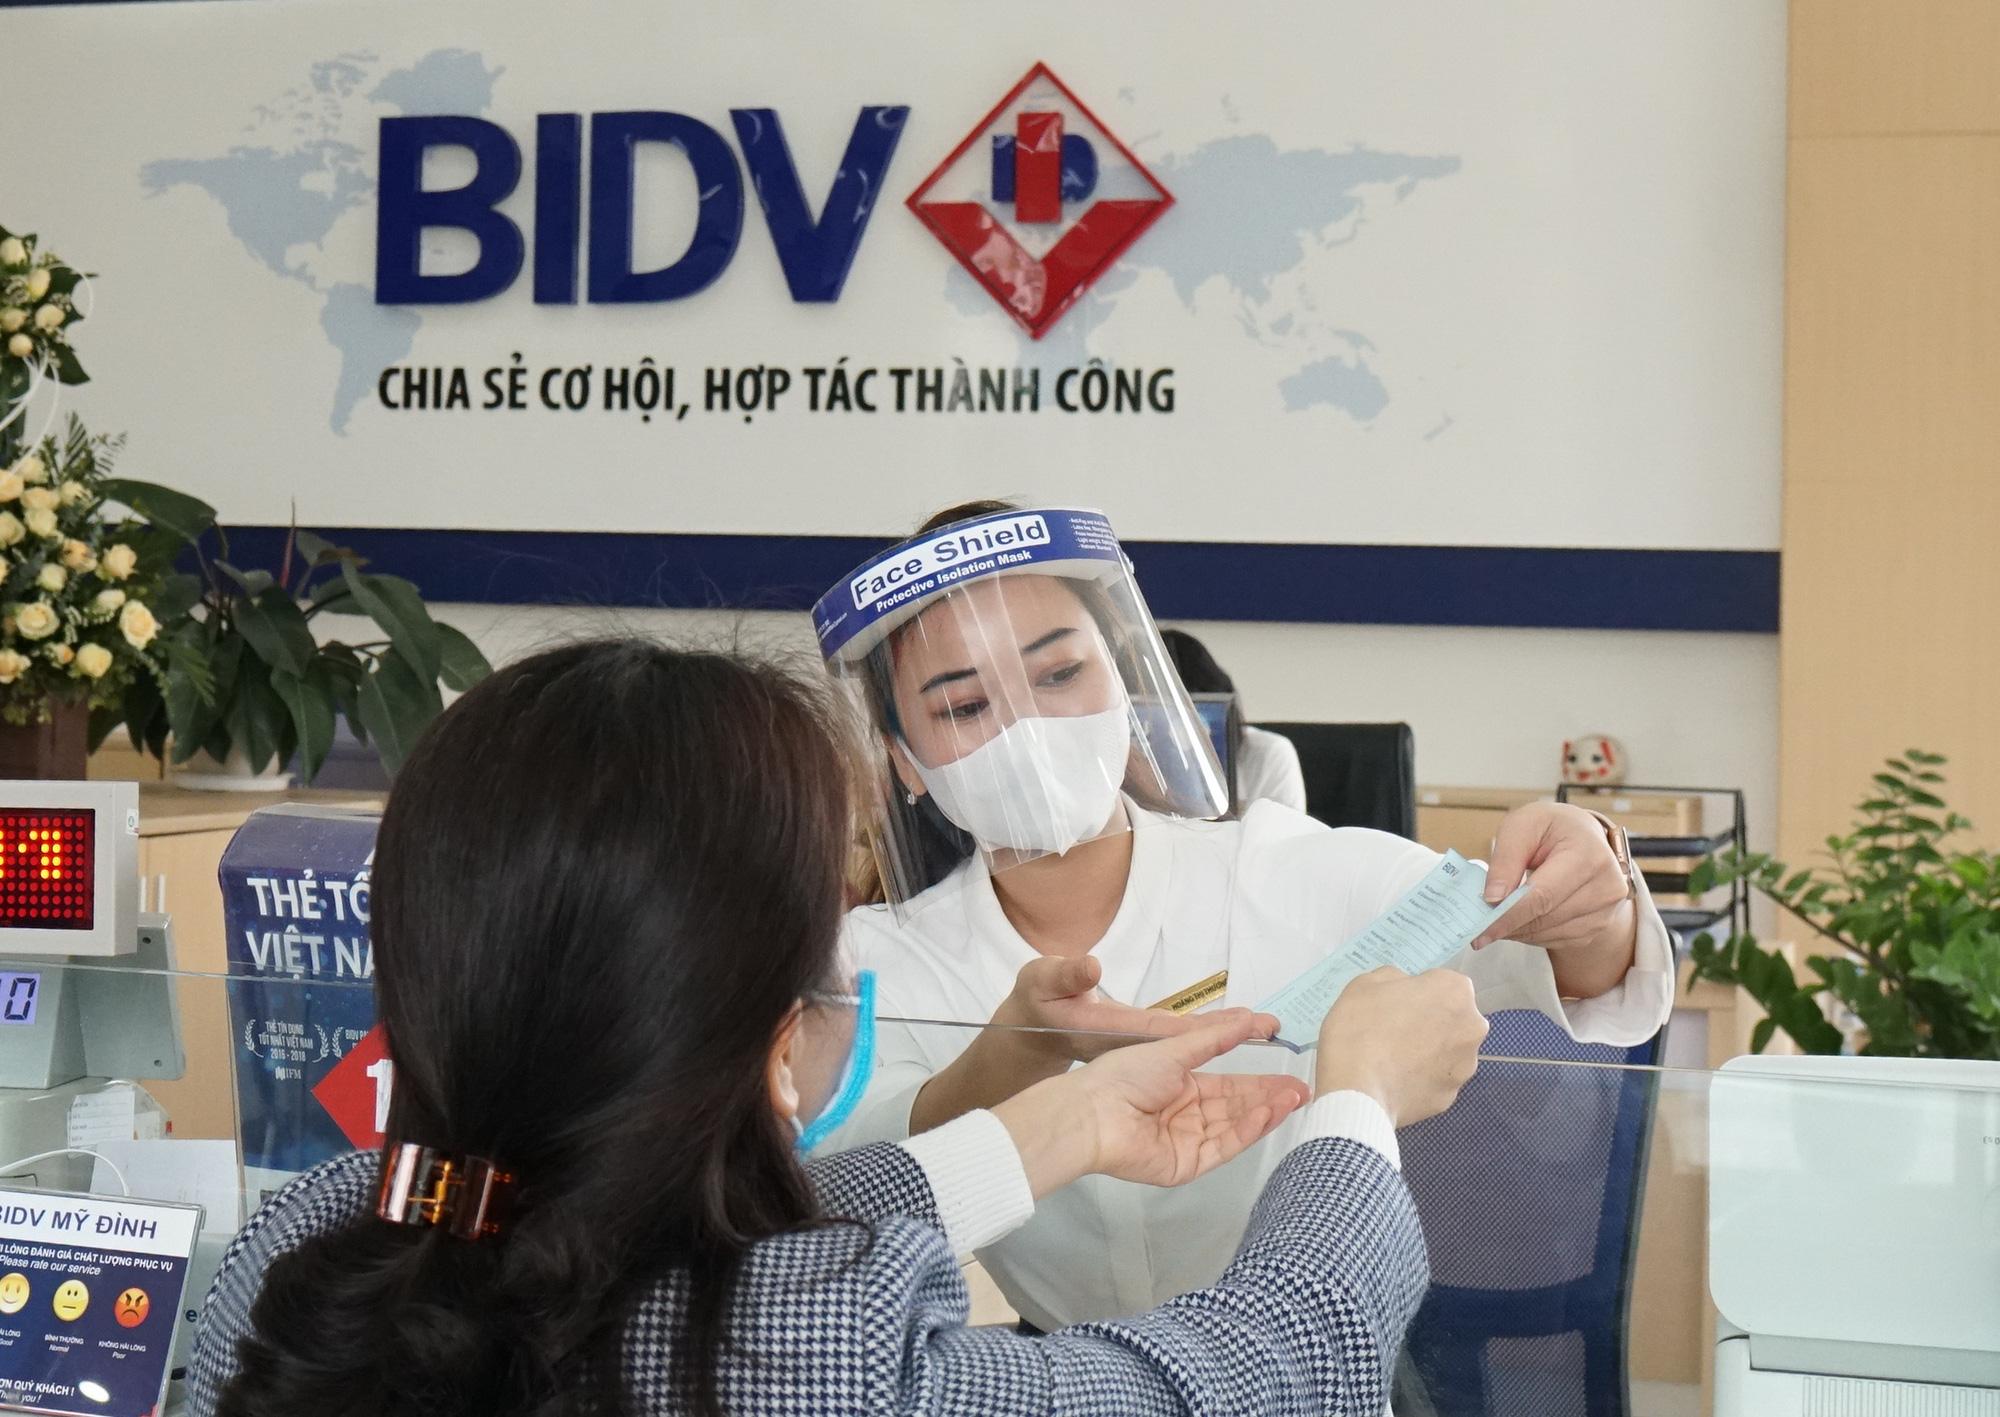 Lợi nhuận tăng 86%, BIDV báo lãi kỷ lục 8.122 tỷ đồng nửa đầu năm - Ảnh 2.